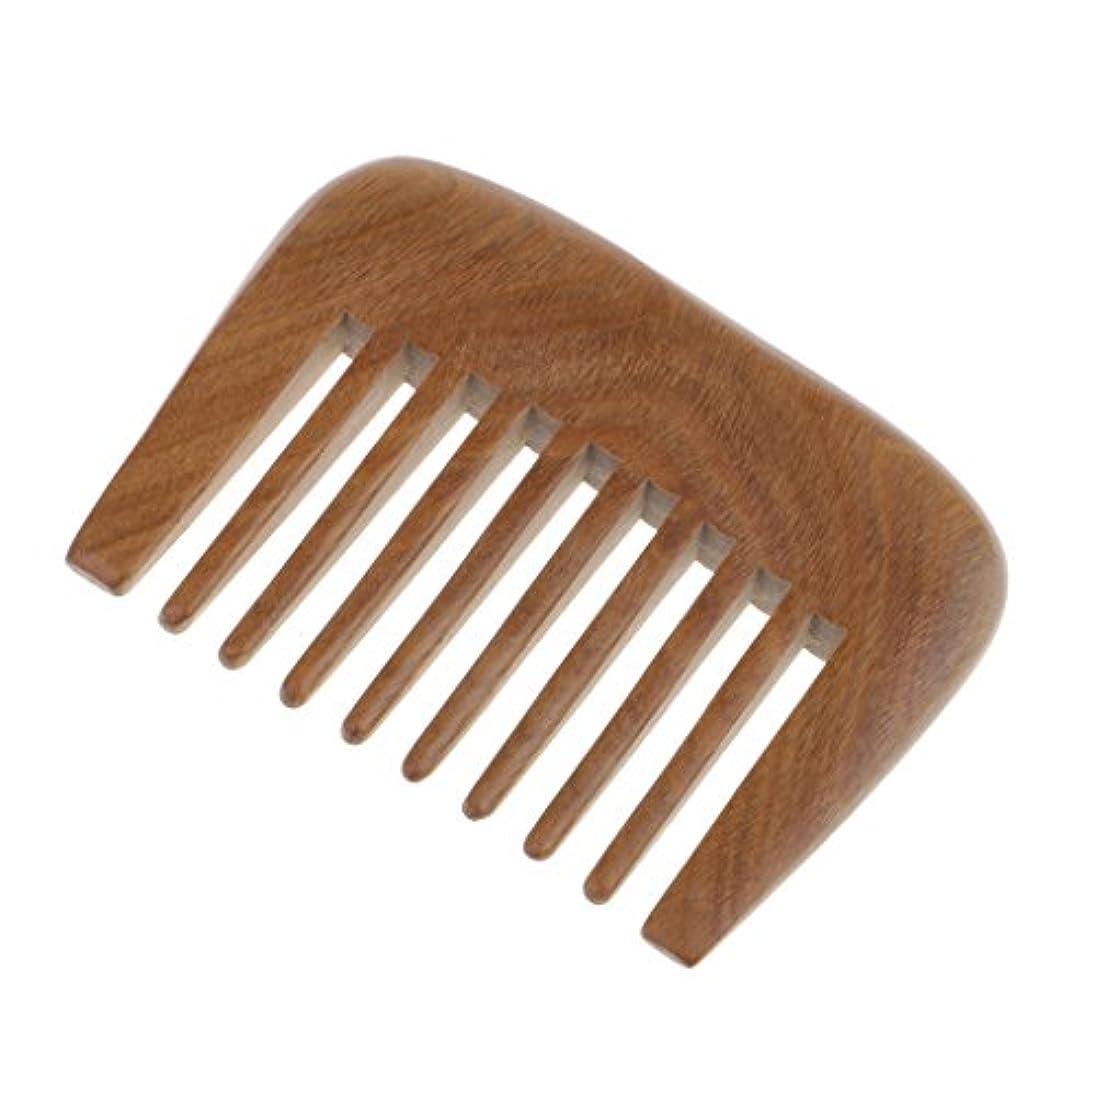 防衛群集特派員Toygogo 木製のくしの毛の広い歯のポケットの毛のくしの毛のもつれを取り除くくしの毛のマッサージャーのブラシの緑の白檀